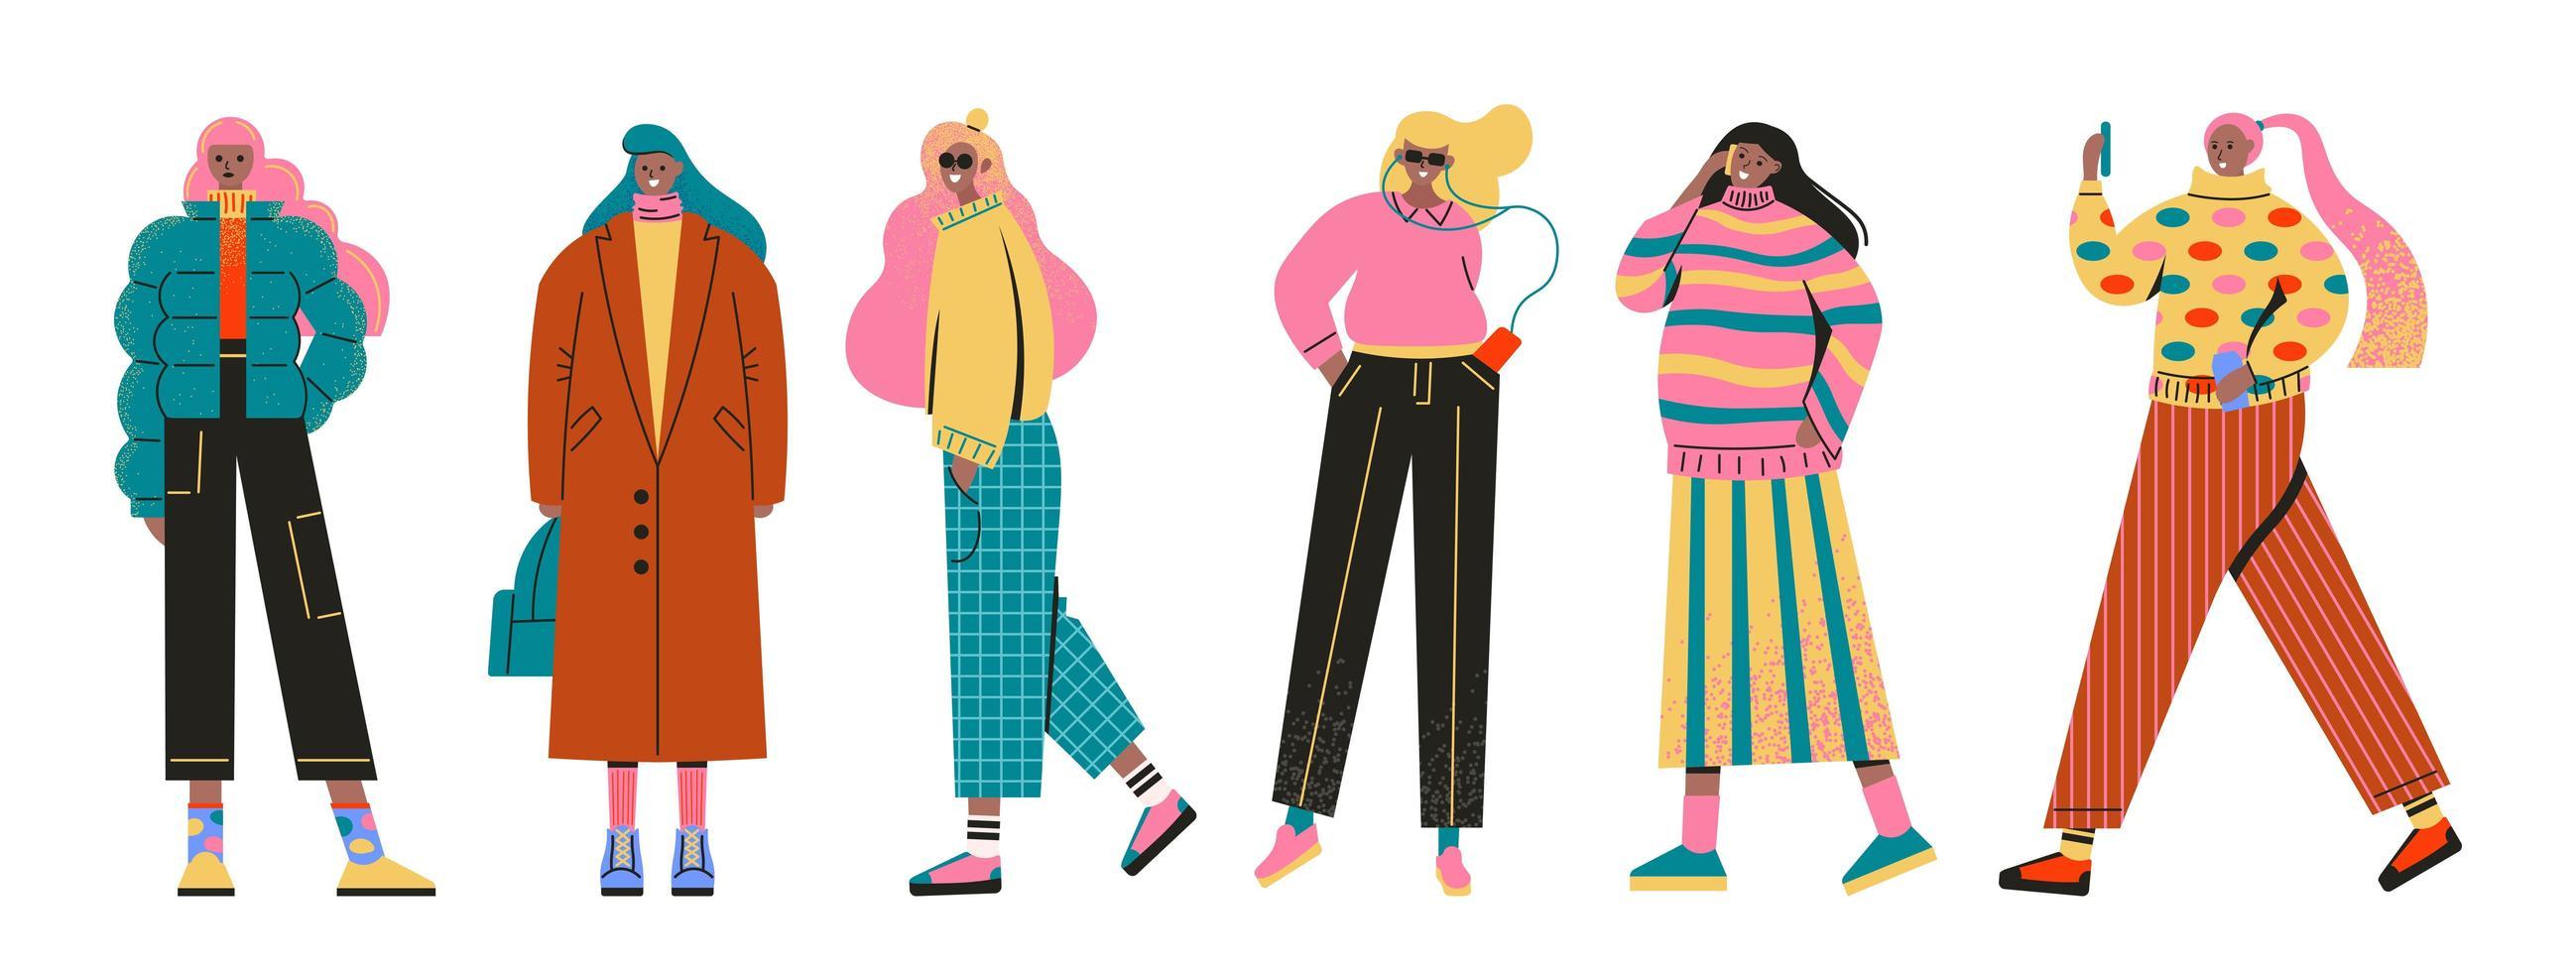 Satz junge Frauen Mädchen in trendigen Kleidern gekleidet vektor